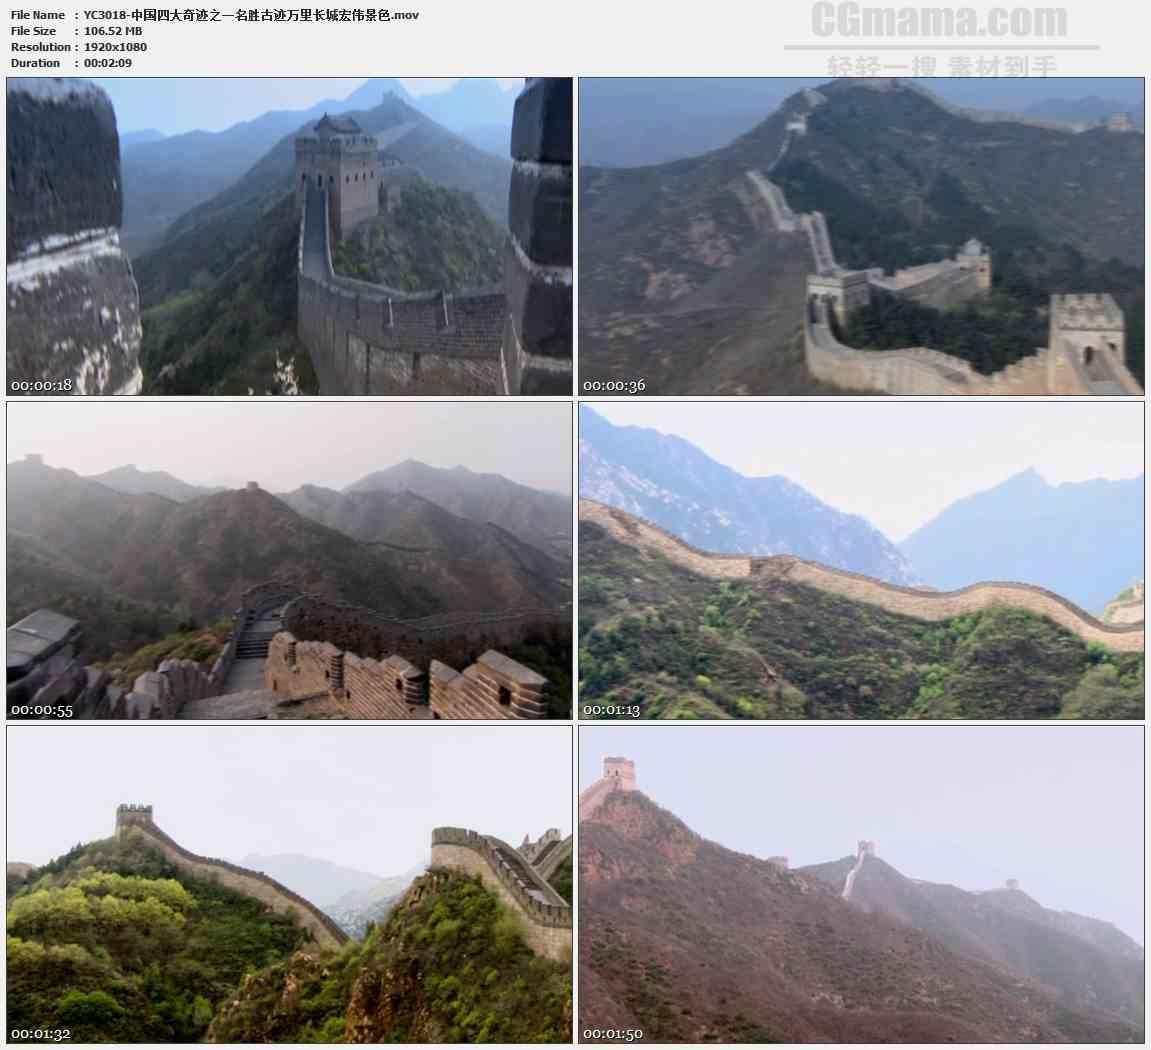 YC3018-中国四大奇迹之一名胜古迹万里长城宏伟景色高清实拍视频素材